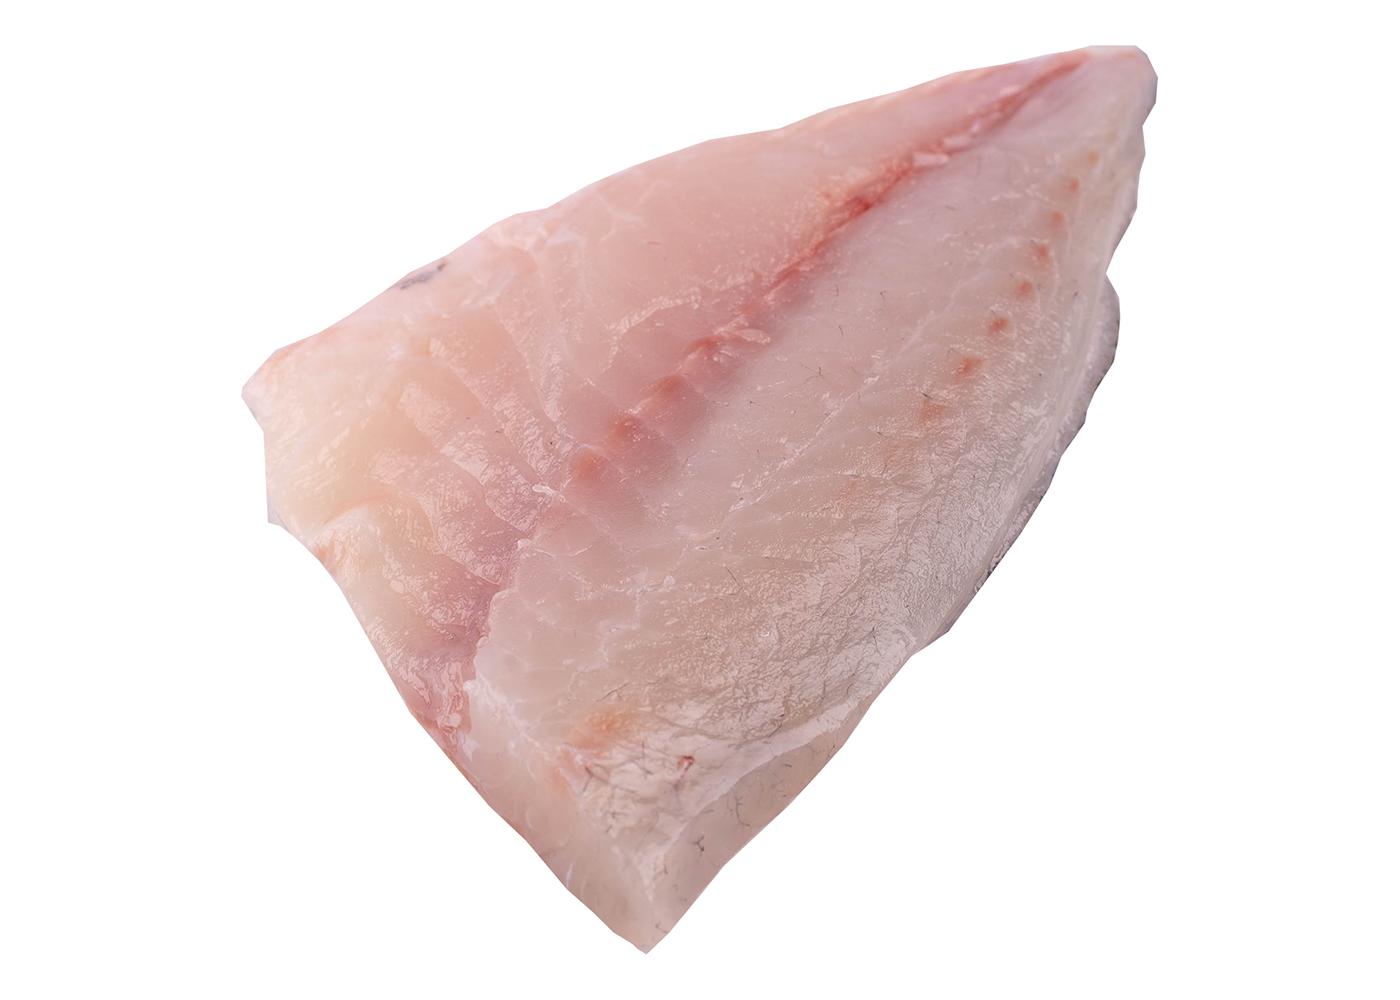 Productafbeelding SEABREAMFILLET FARMED SKIN ON FROM 600-800 GR, FROZEN